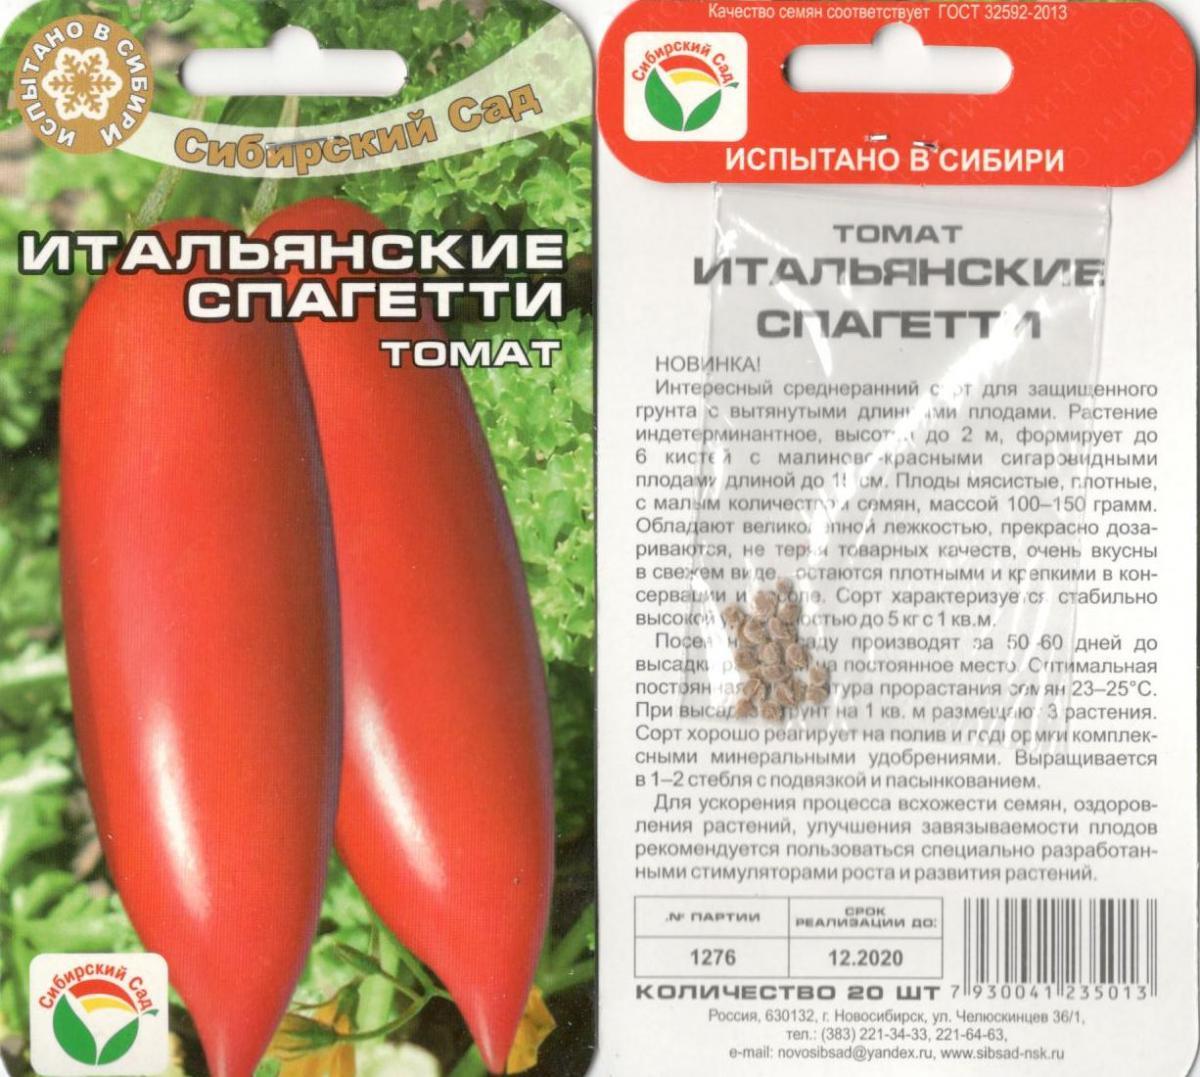 видите, томат итальянские спагетти отзывы фото урожайность том, как